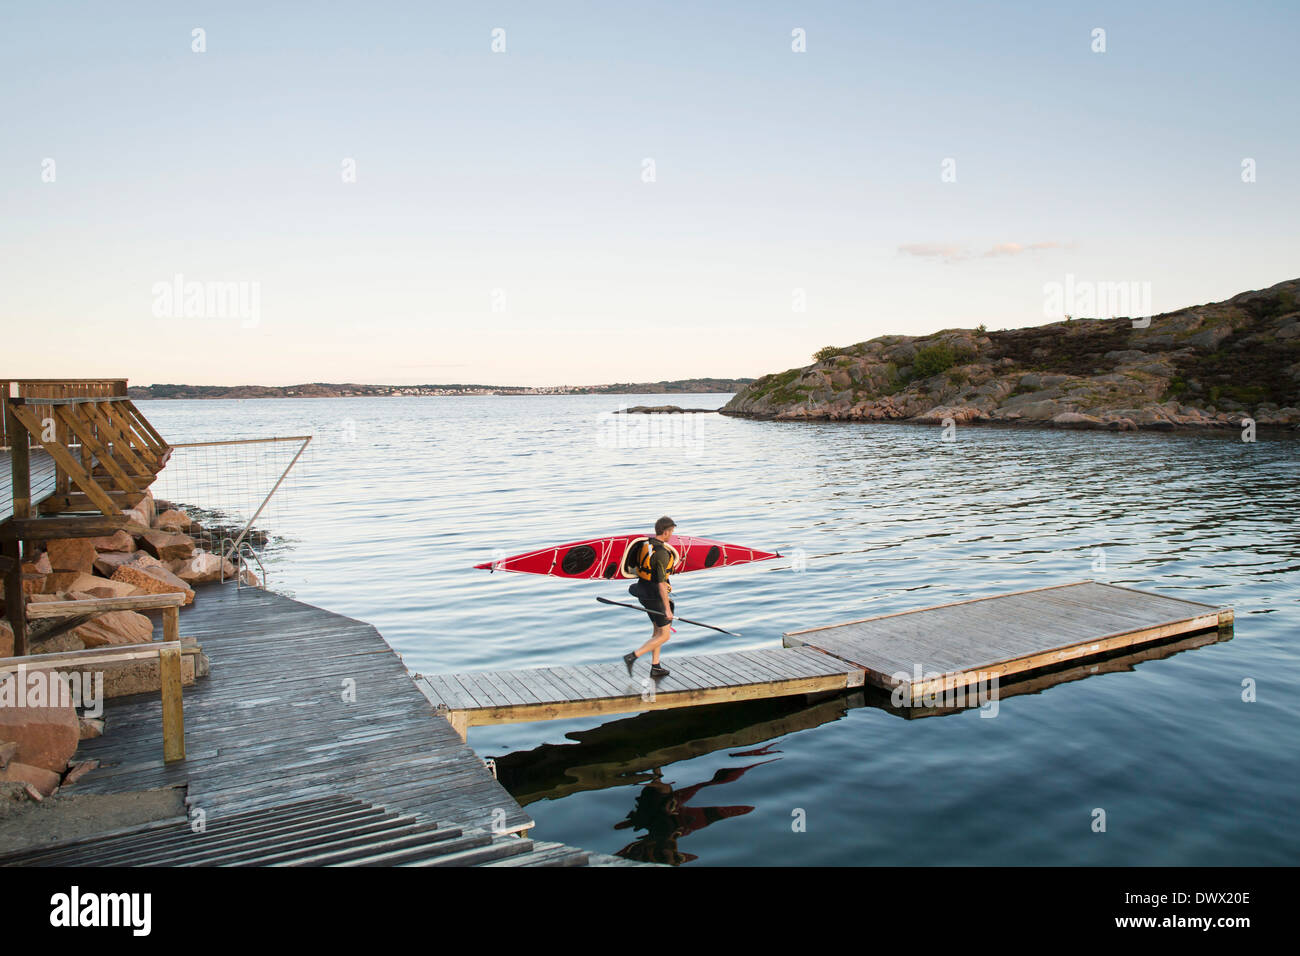 Lunghezza completa di uomo che porta kayak mentre si cammina sul molo sul fiume Immagini Stock